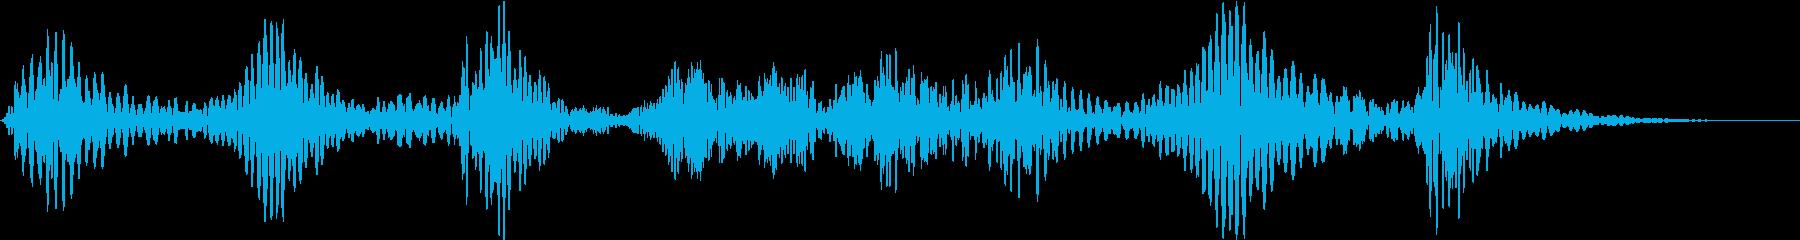 電子テレメトリ:低ミュートバースト...の再生済みの波形